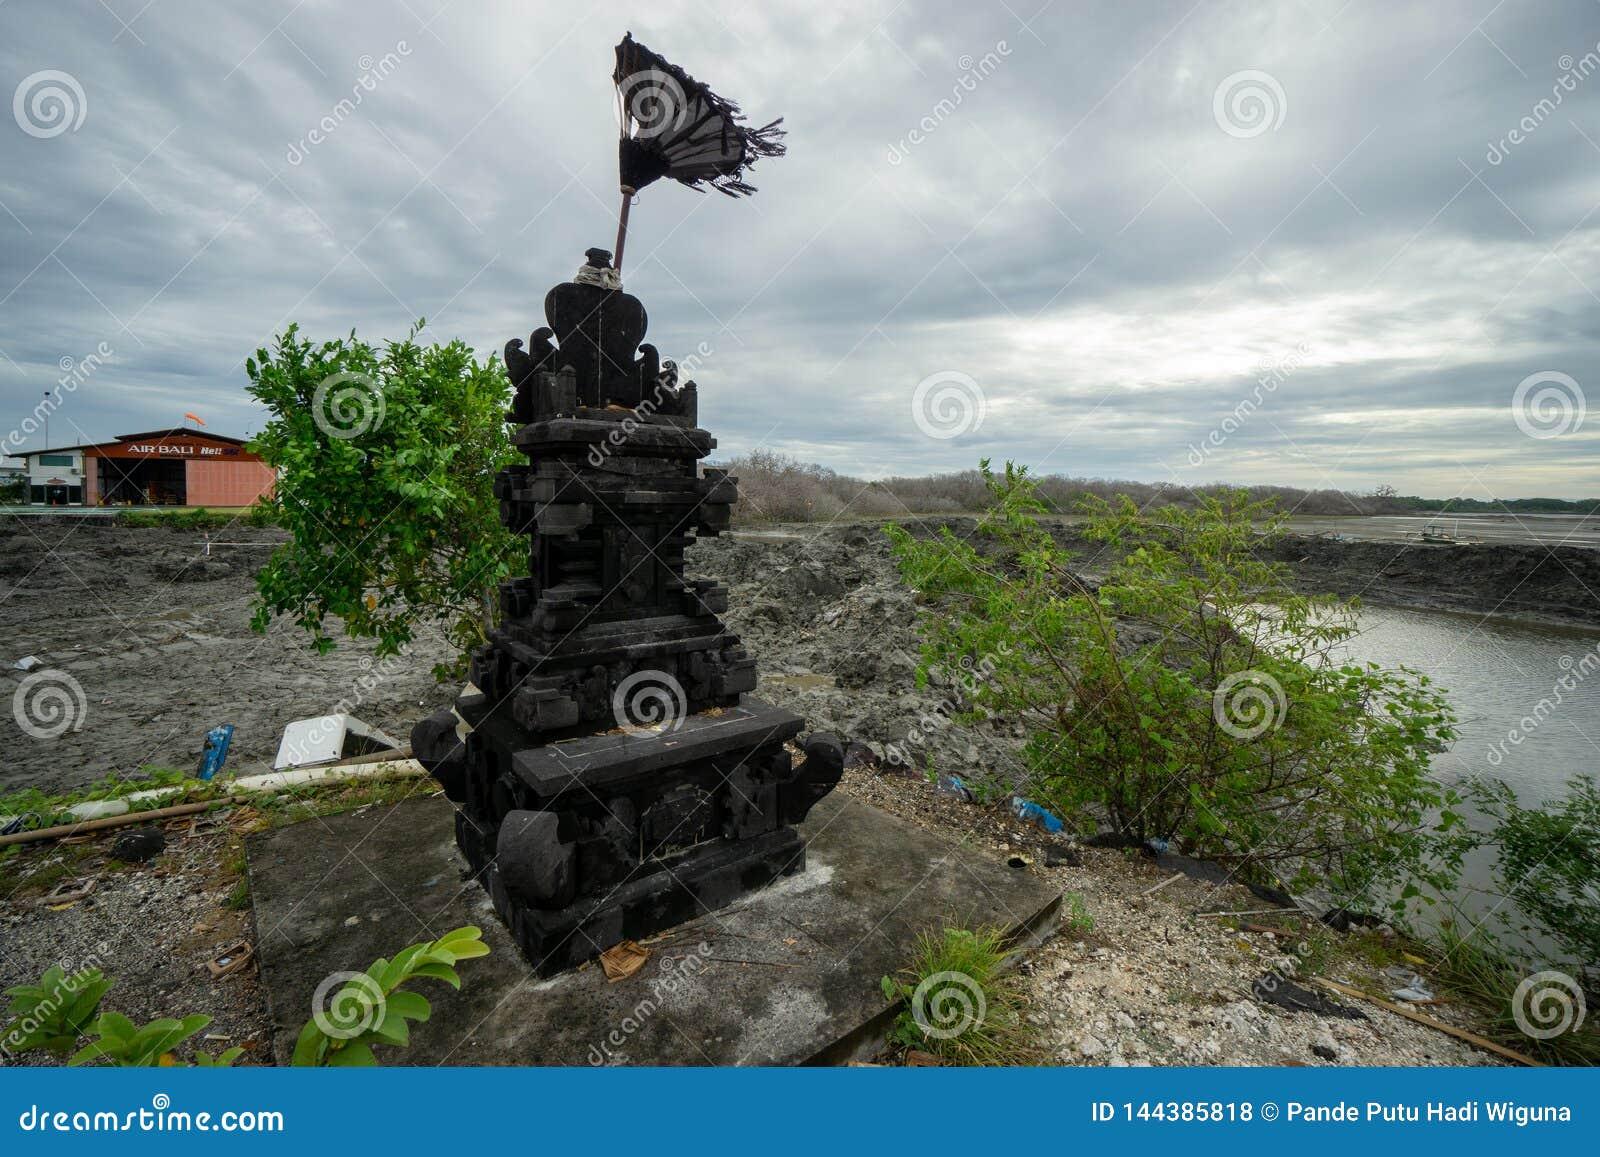 BADUNG, BALI/INDONESIA-MARCH 08 2019: Czarna naturalna kamienna statua dla oferować miejsce